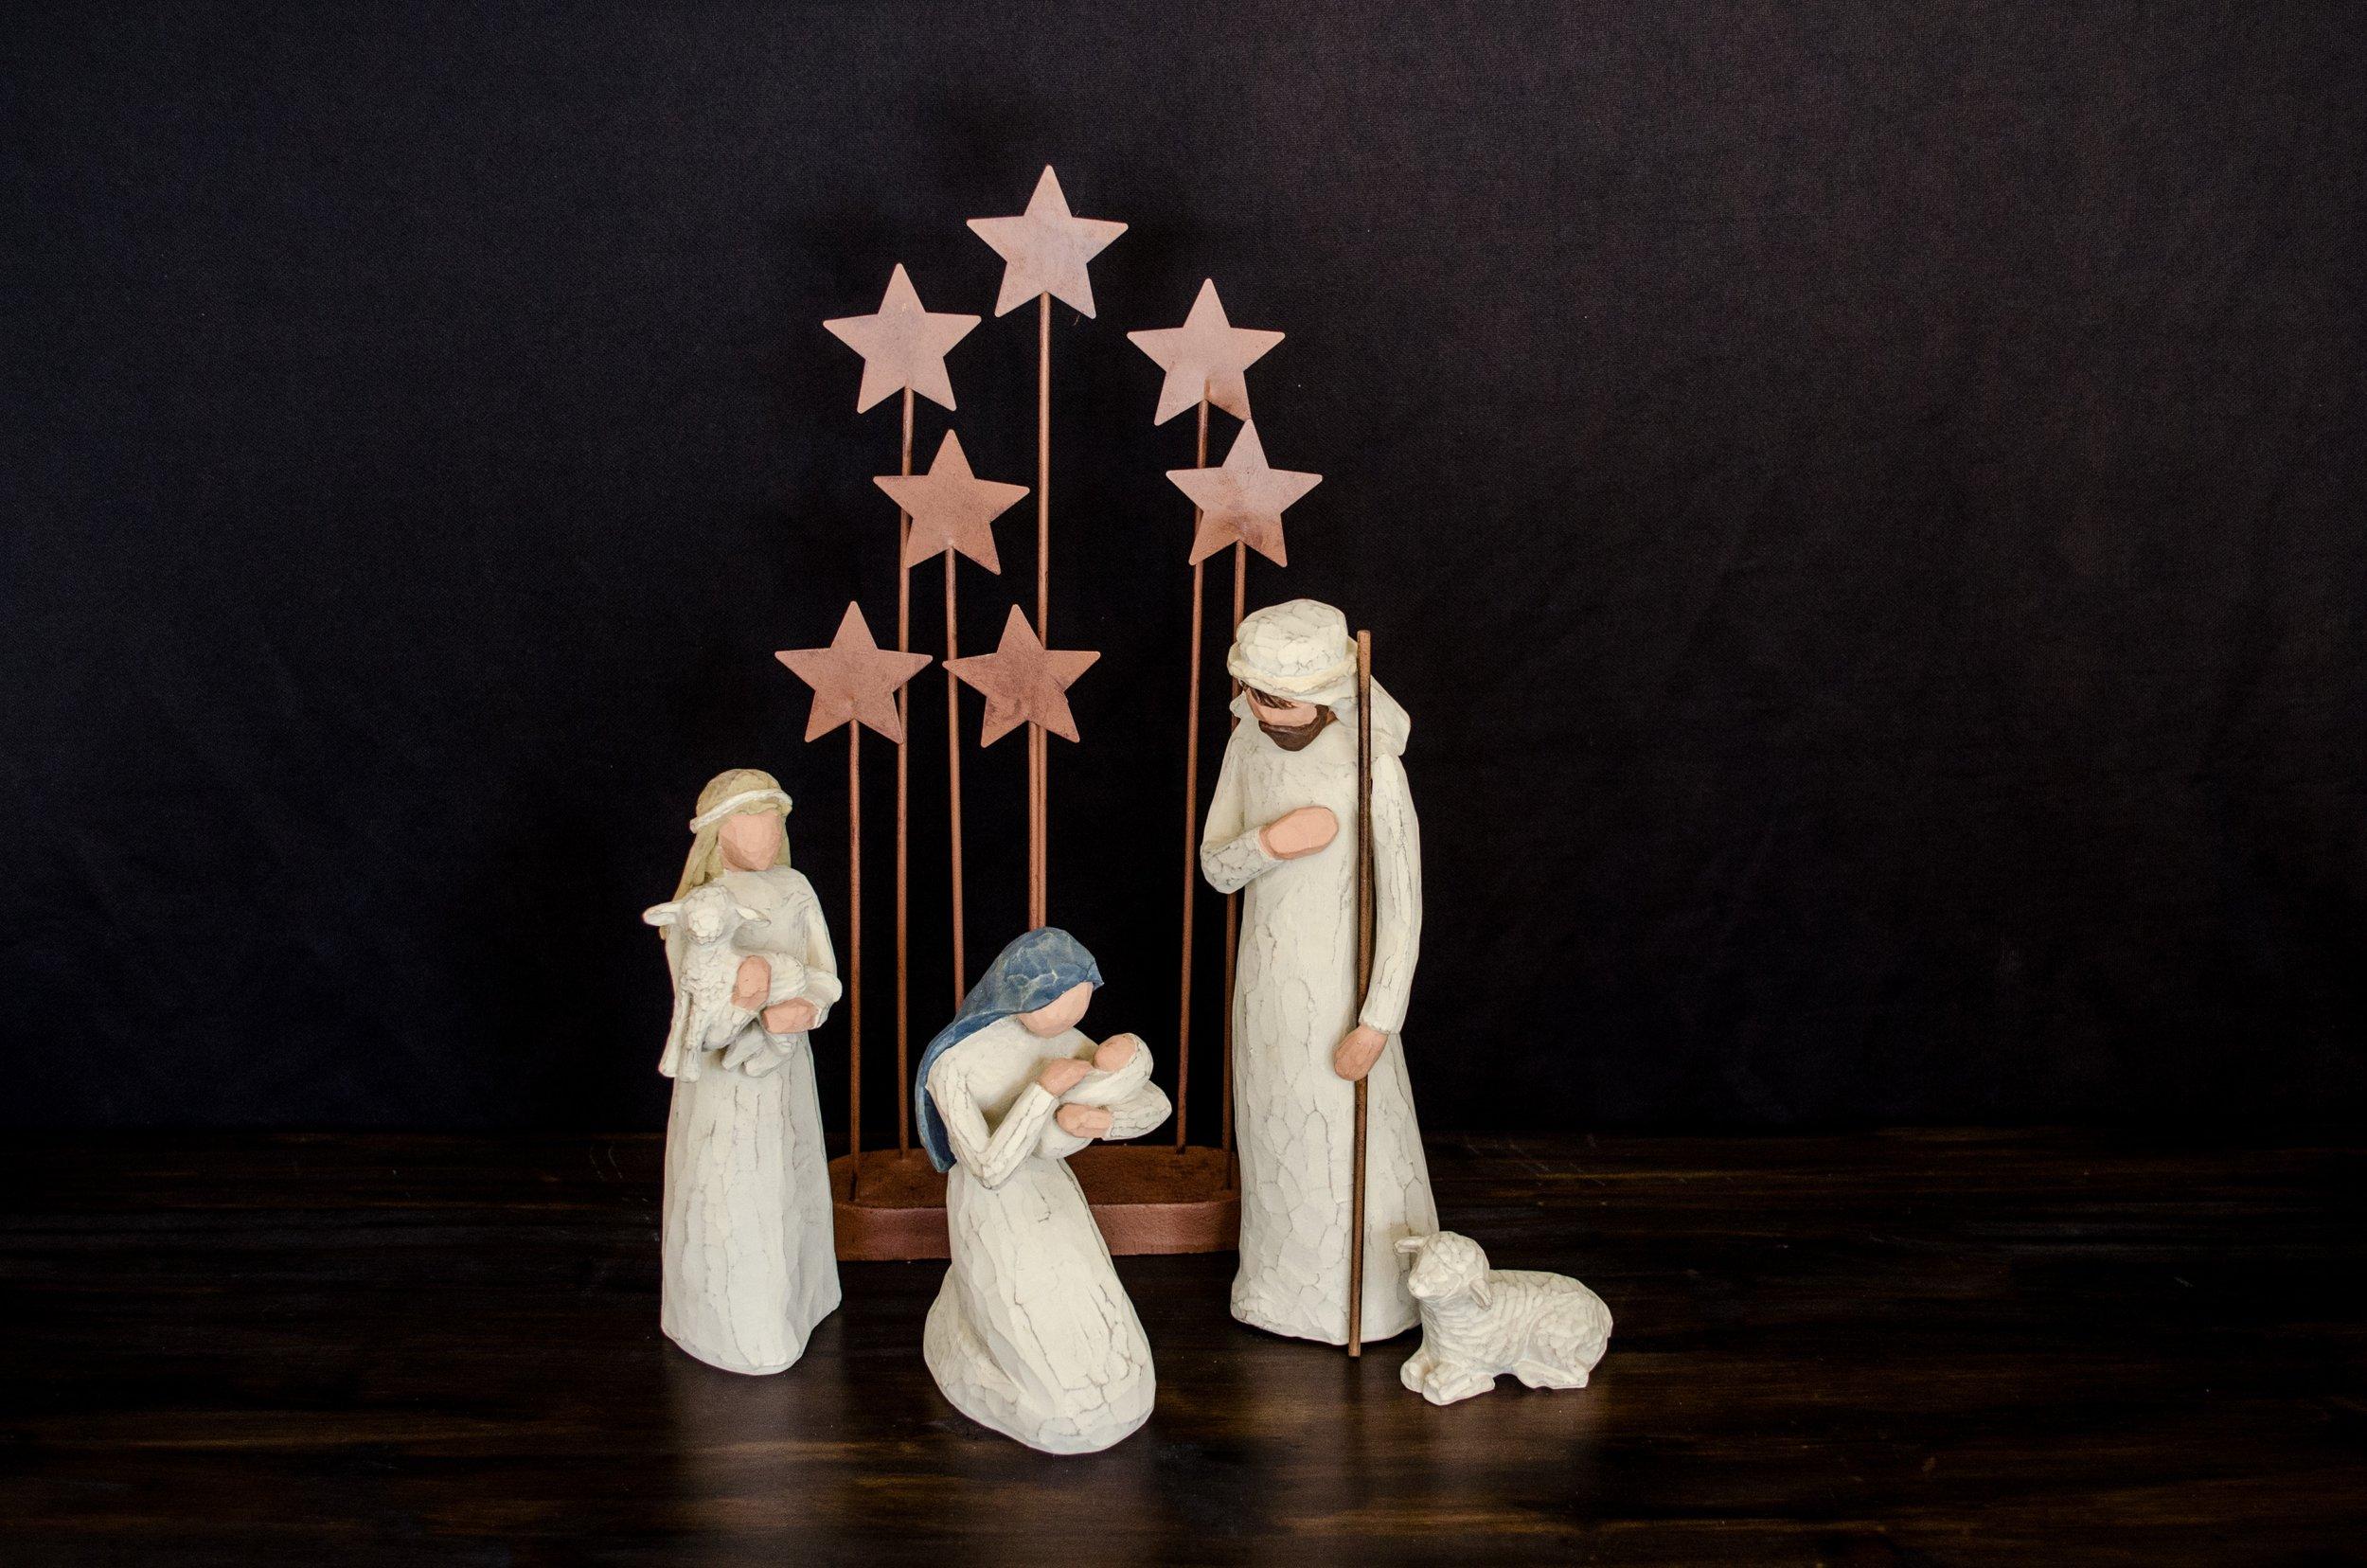 simple christmas, minimalistic christmas, keeping christ in christmas, christmas for the christian, christian family christmas, christmas traditions to keep christ in christmas, perspective on christmas, christian woman